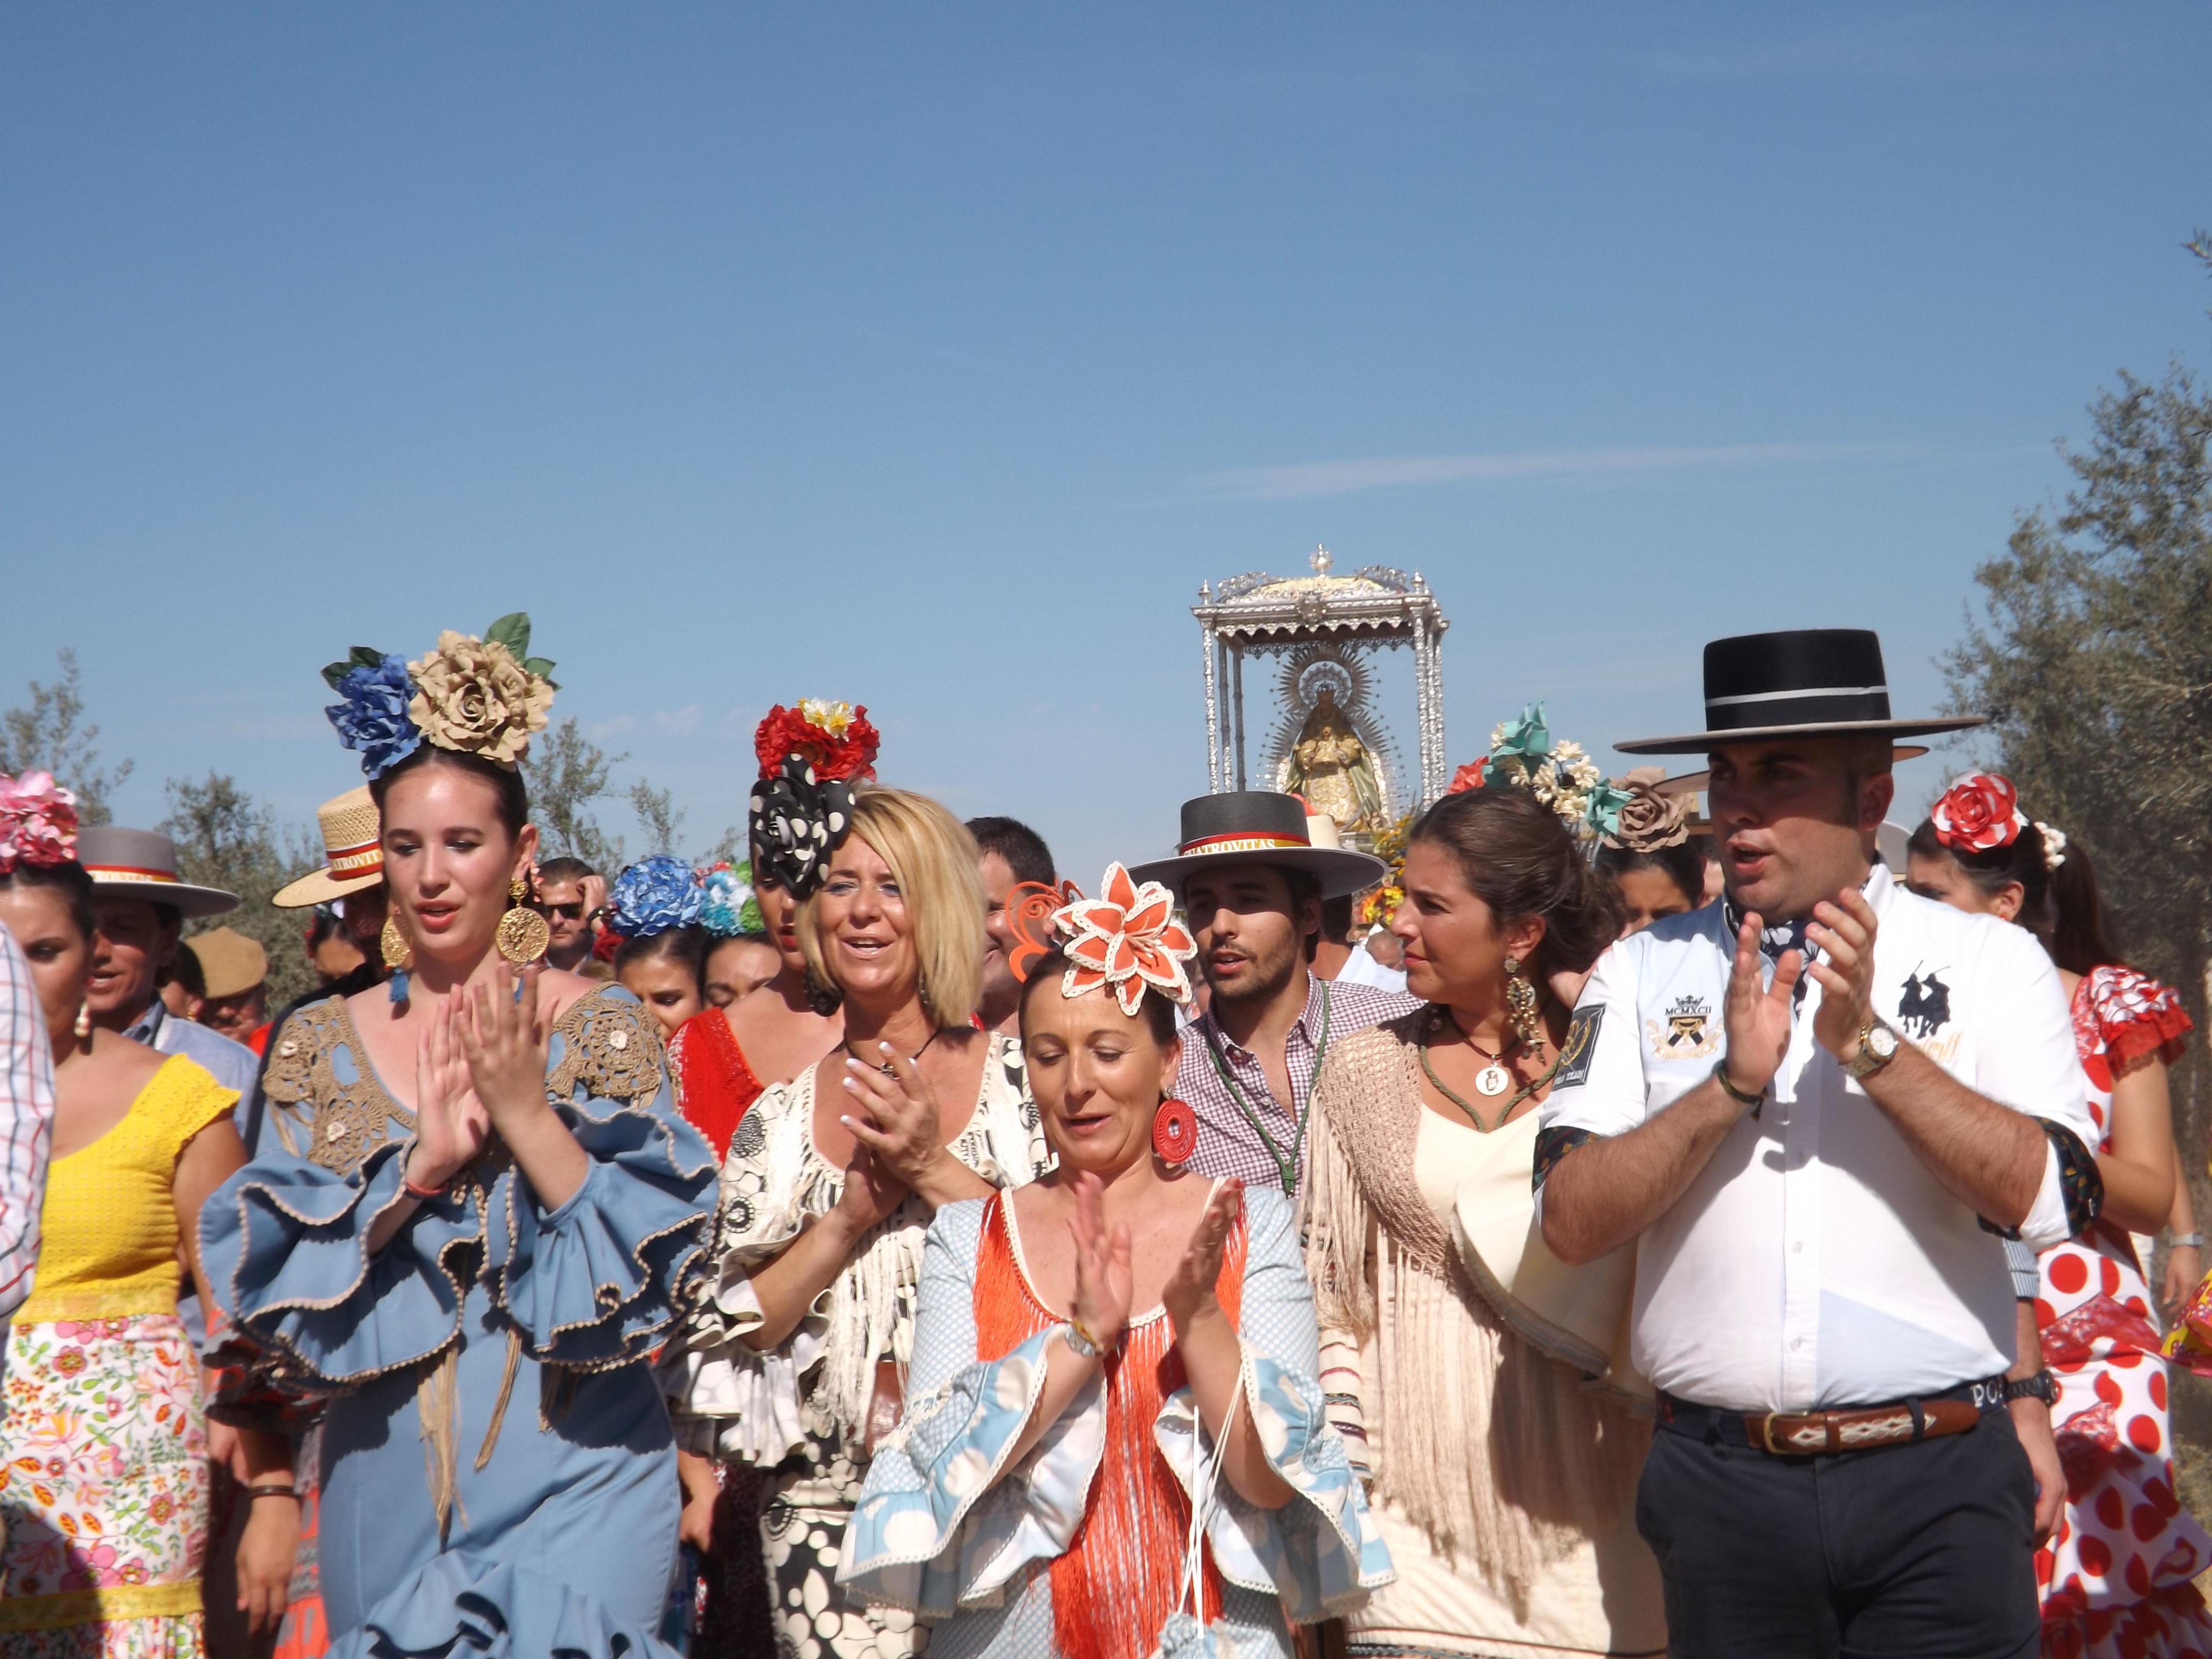 Los romeros ayer acompañaron a la Santa María de Cuatrovitas en su romería hacia la ermita, en la que permanecerá hasta el próximo 25 de julio, cuando las mujeres la devuelvan a hombros al pueblo.